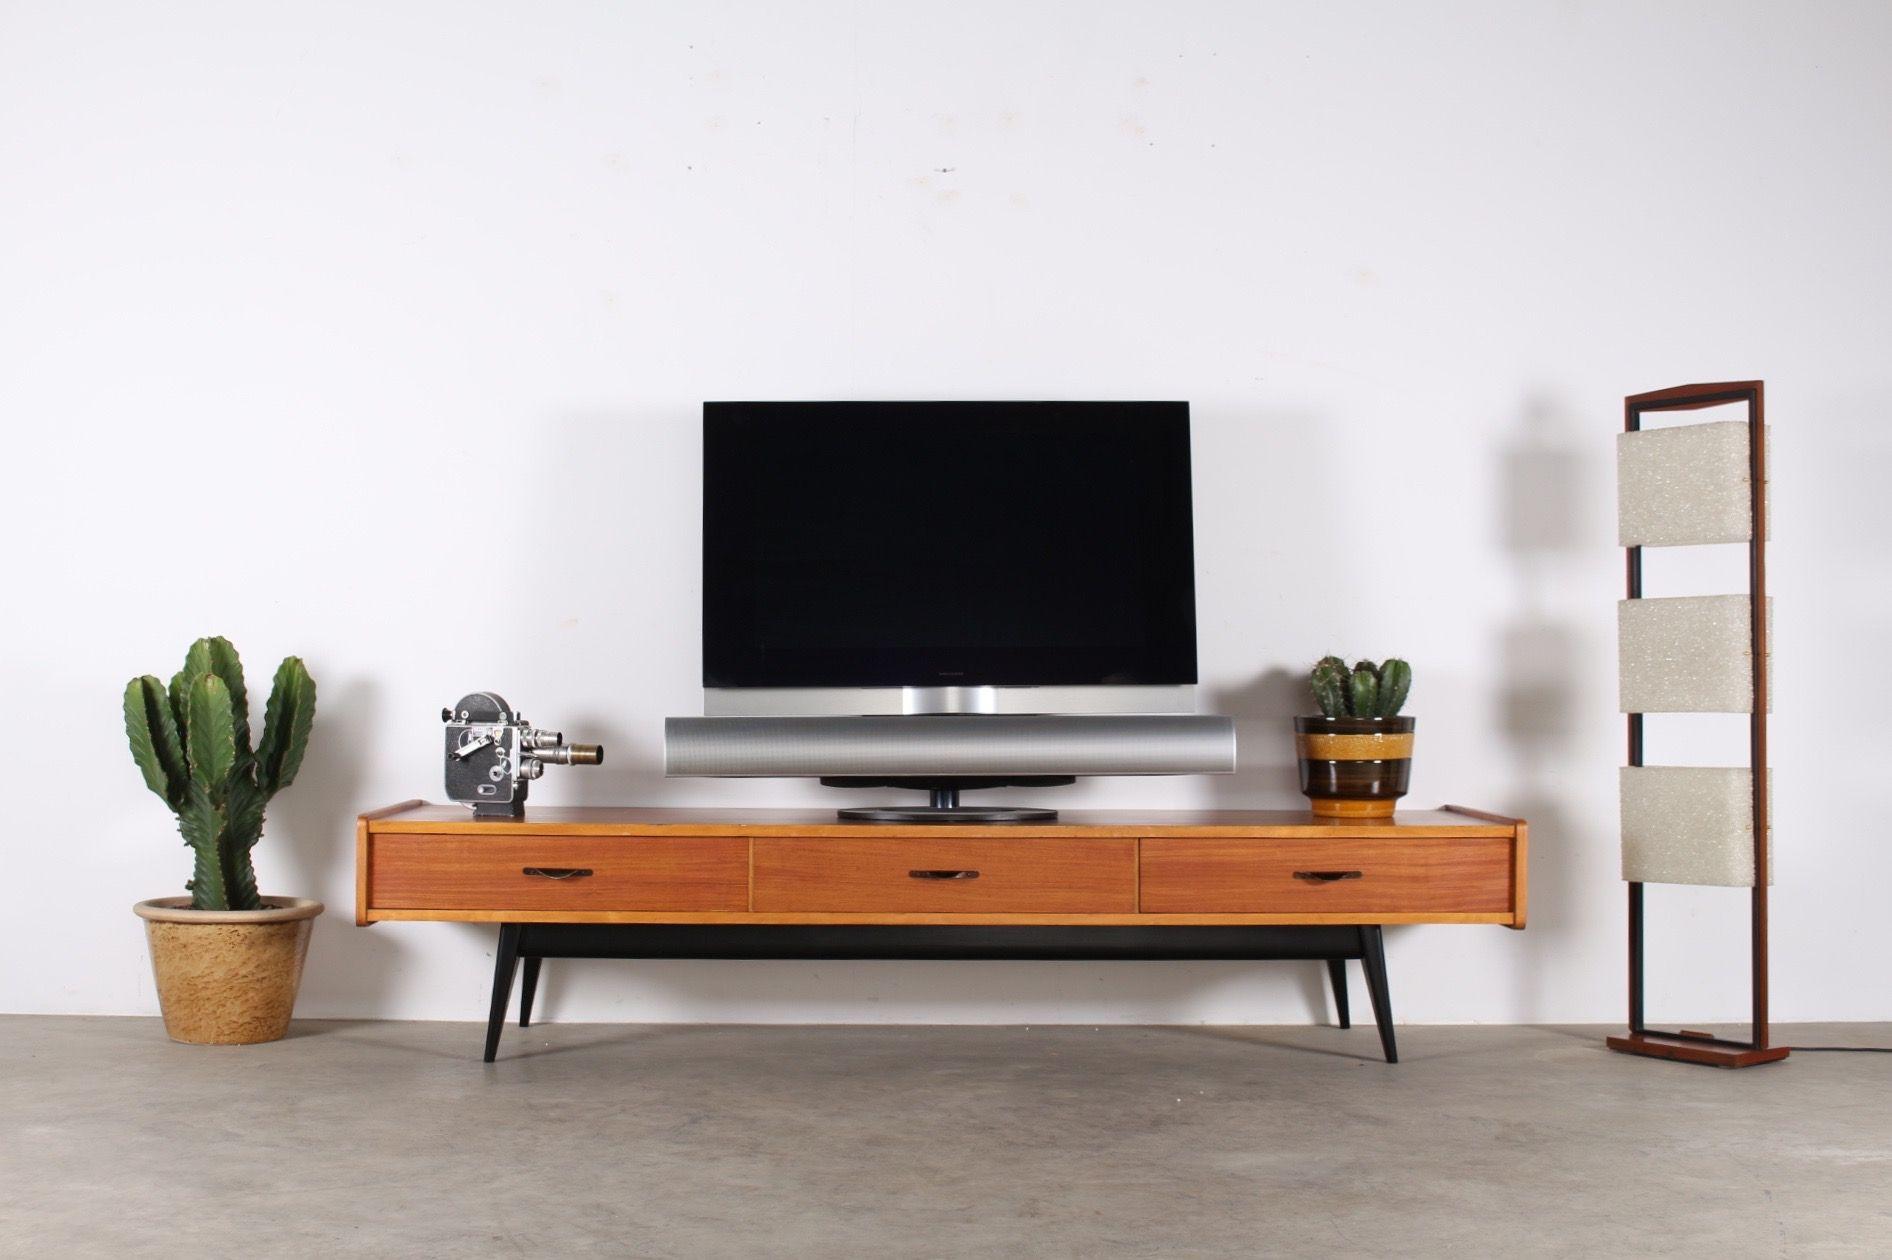 Sideboard Lowboard Buffet Meuble Tv Alfred Hendrickx Belform  # Buffet Et Meuble Tv